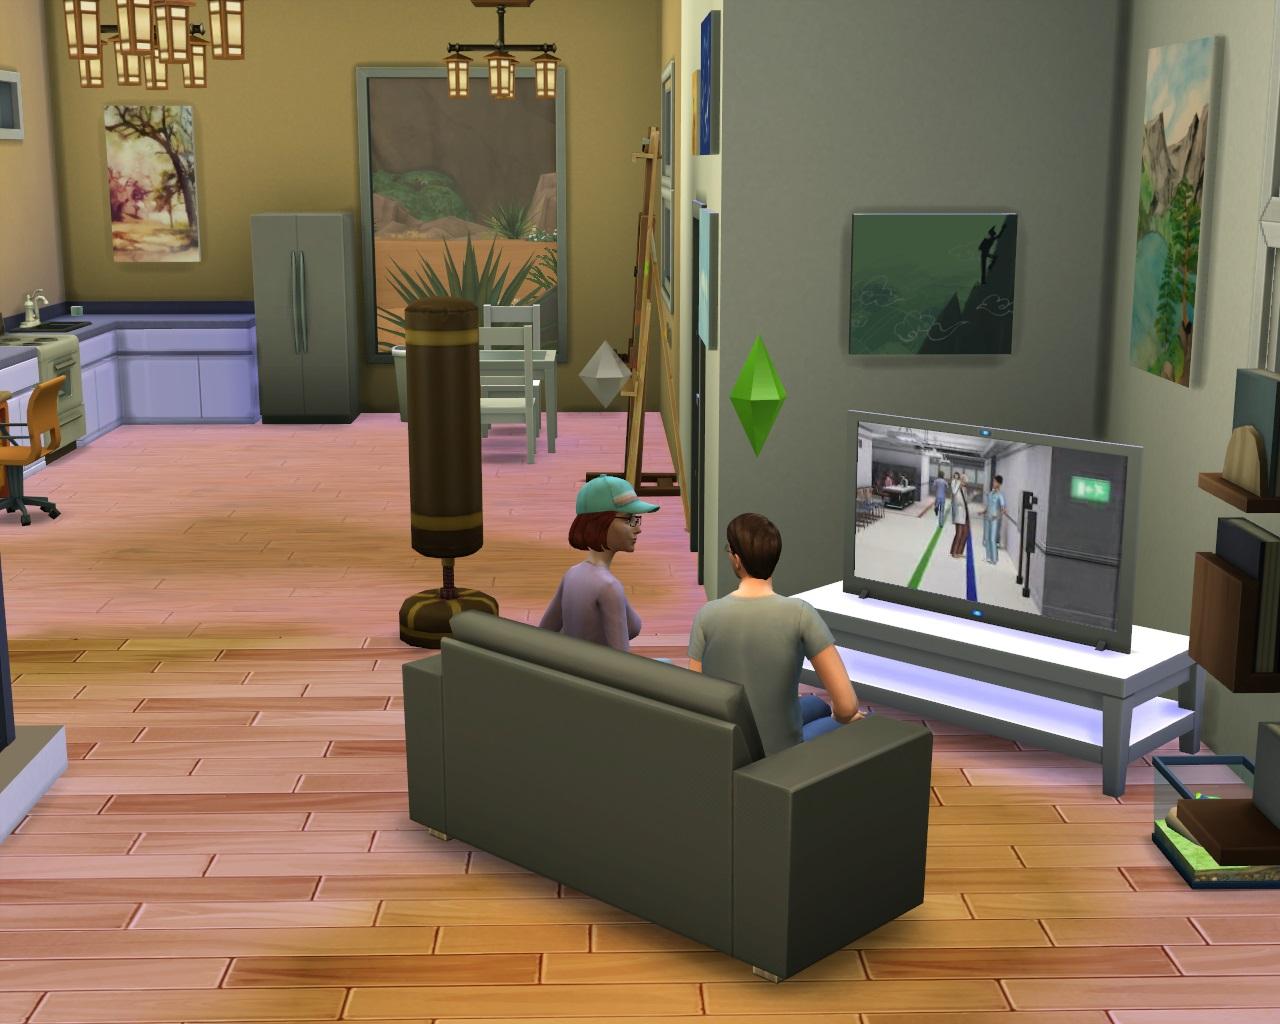 Mod ilumina o melhorada the sims 4 pirralho do game for Mods sims 4 muebles